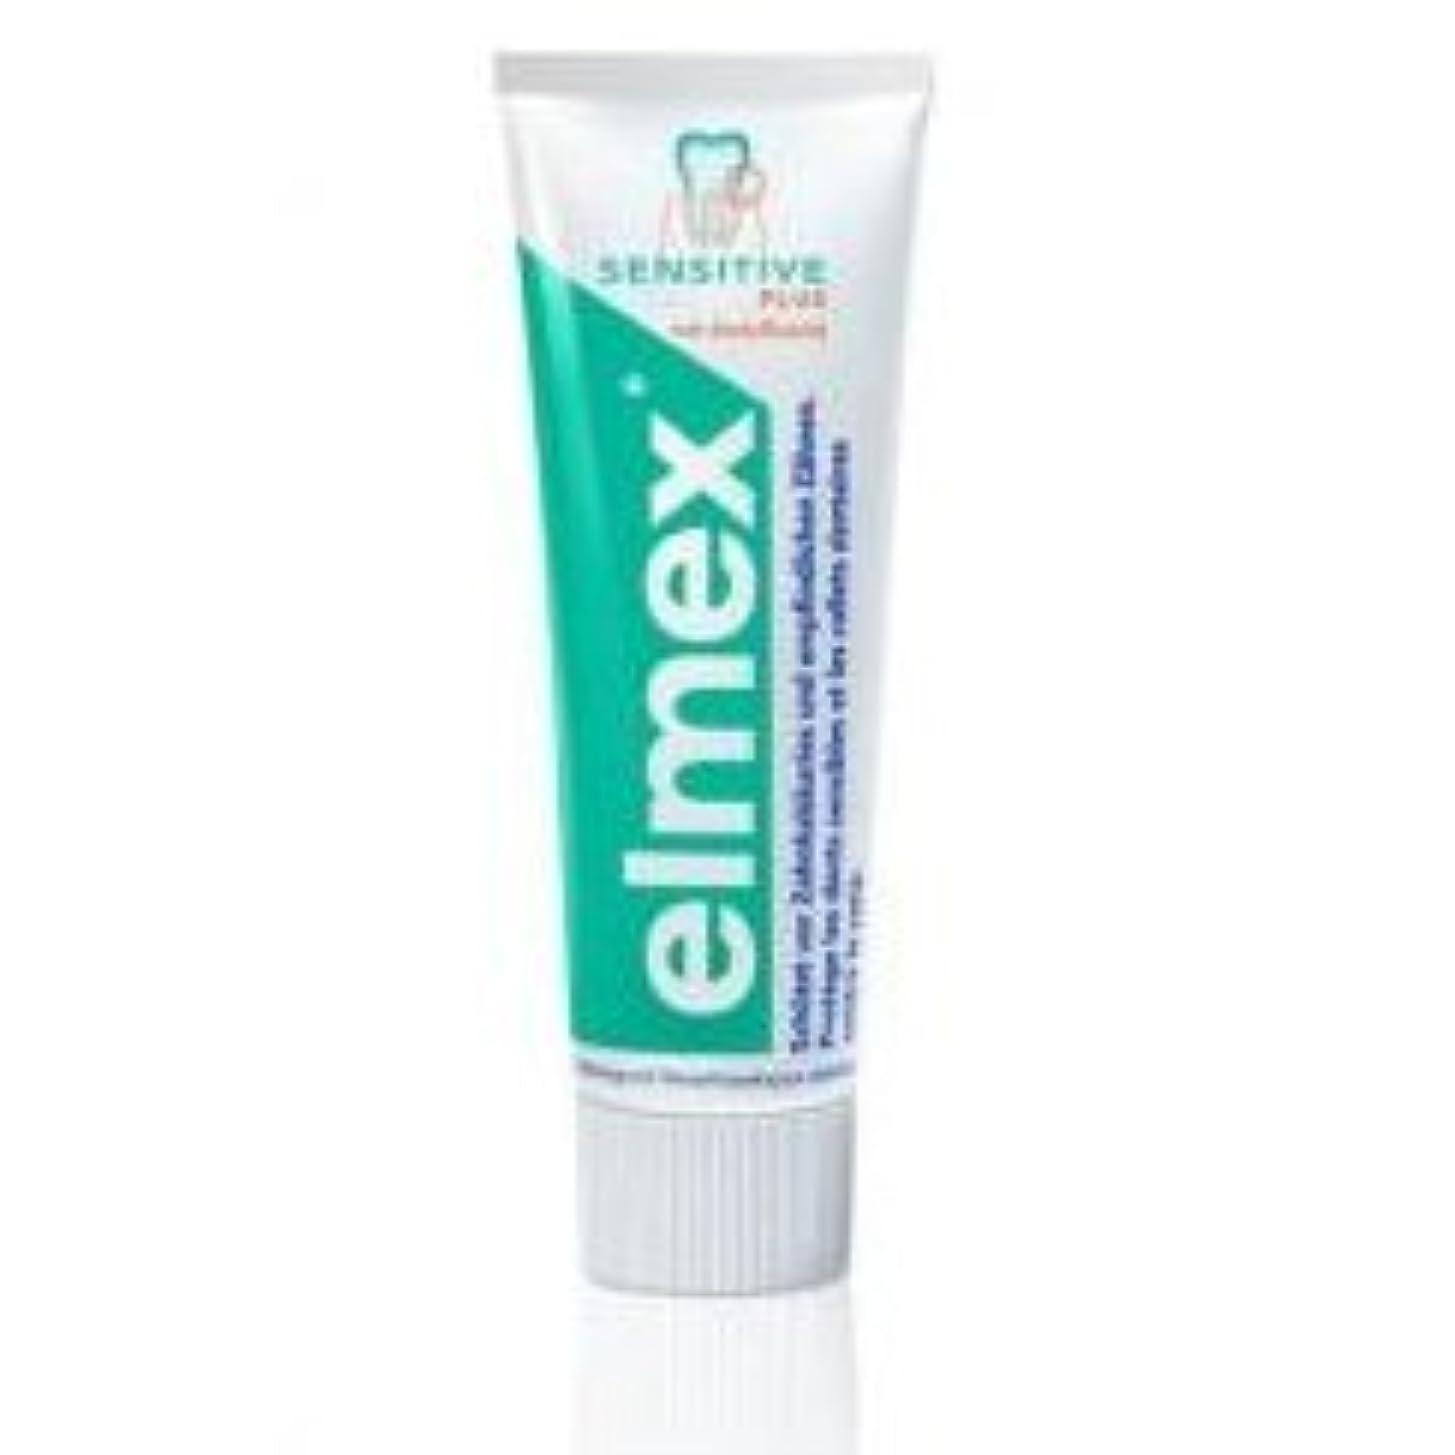 心理的にプレゼンター苦しみエルメックス センシティブ 歯磨き粉 75ml (elmex sensitive toothpaste 75ml)【並行輸入品】